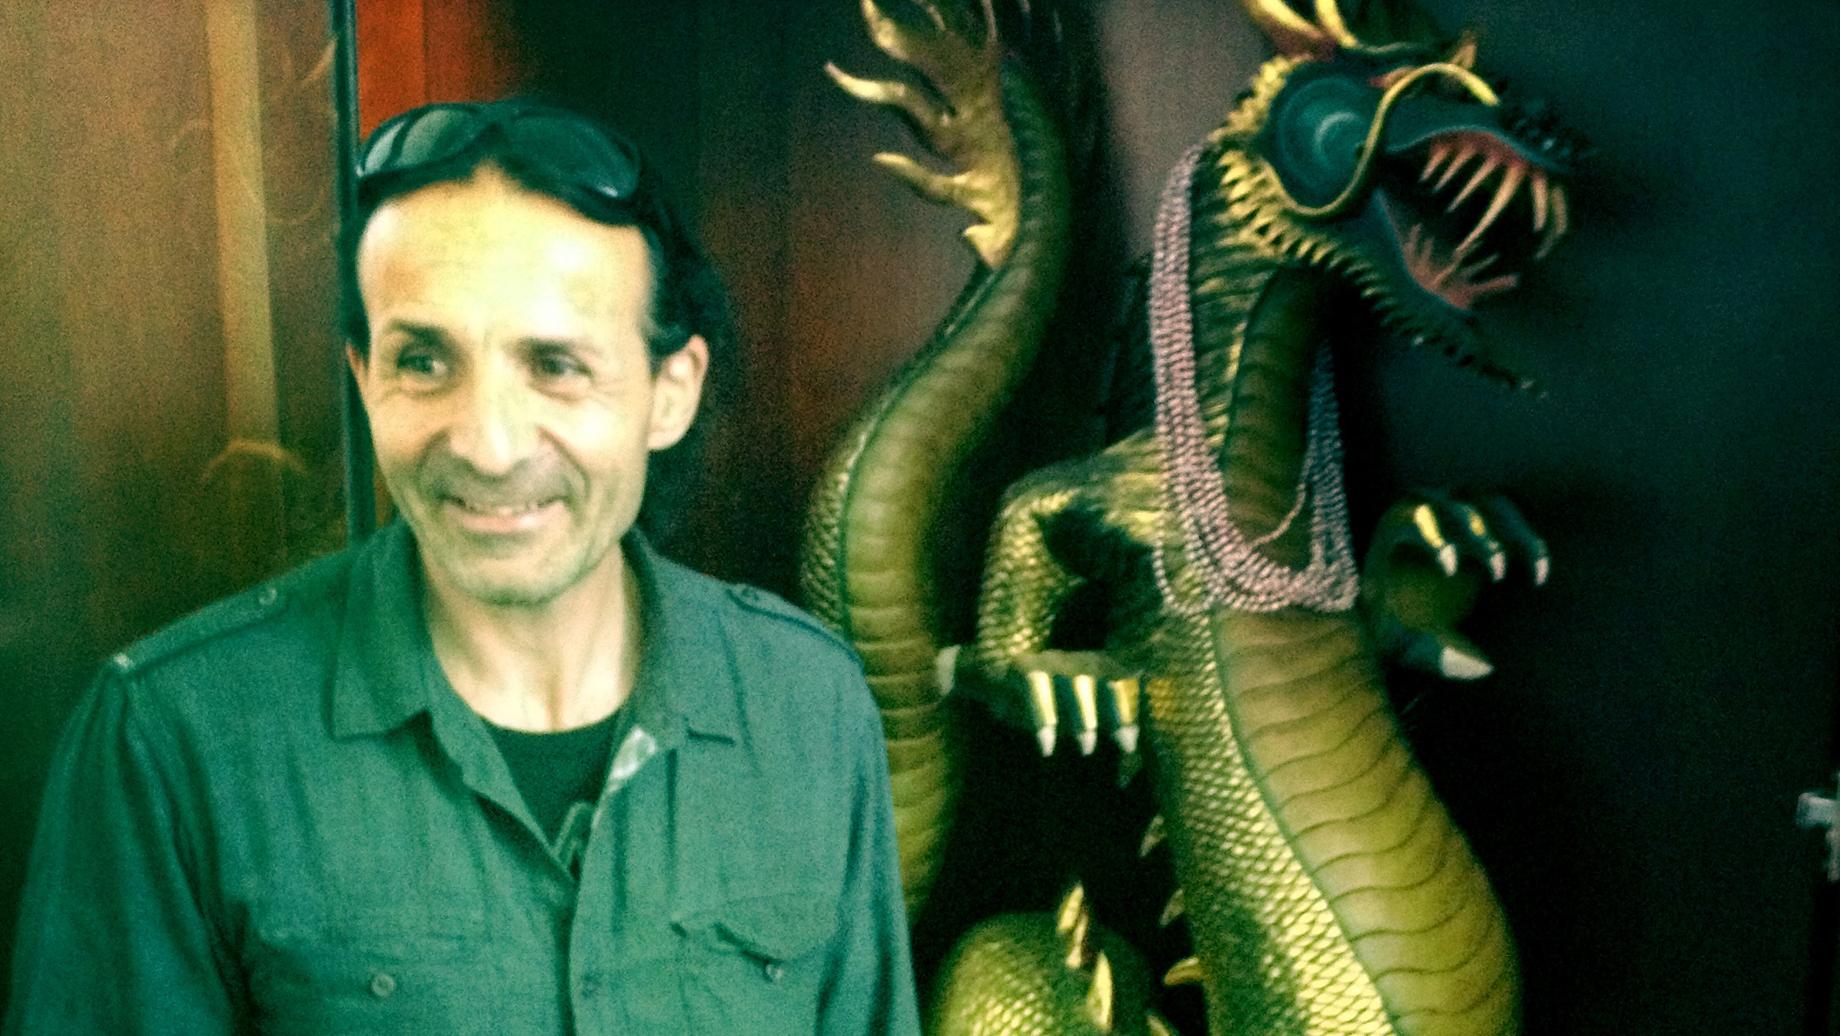 Claudio Alessi